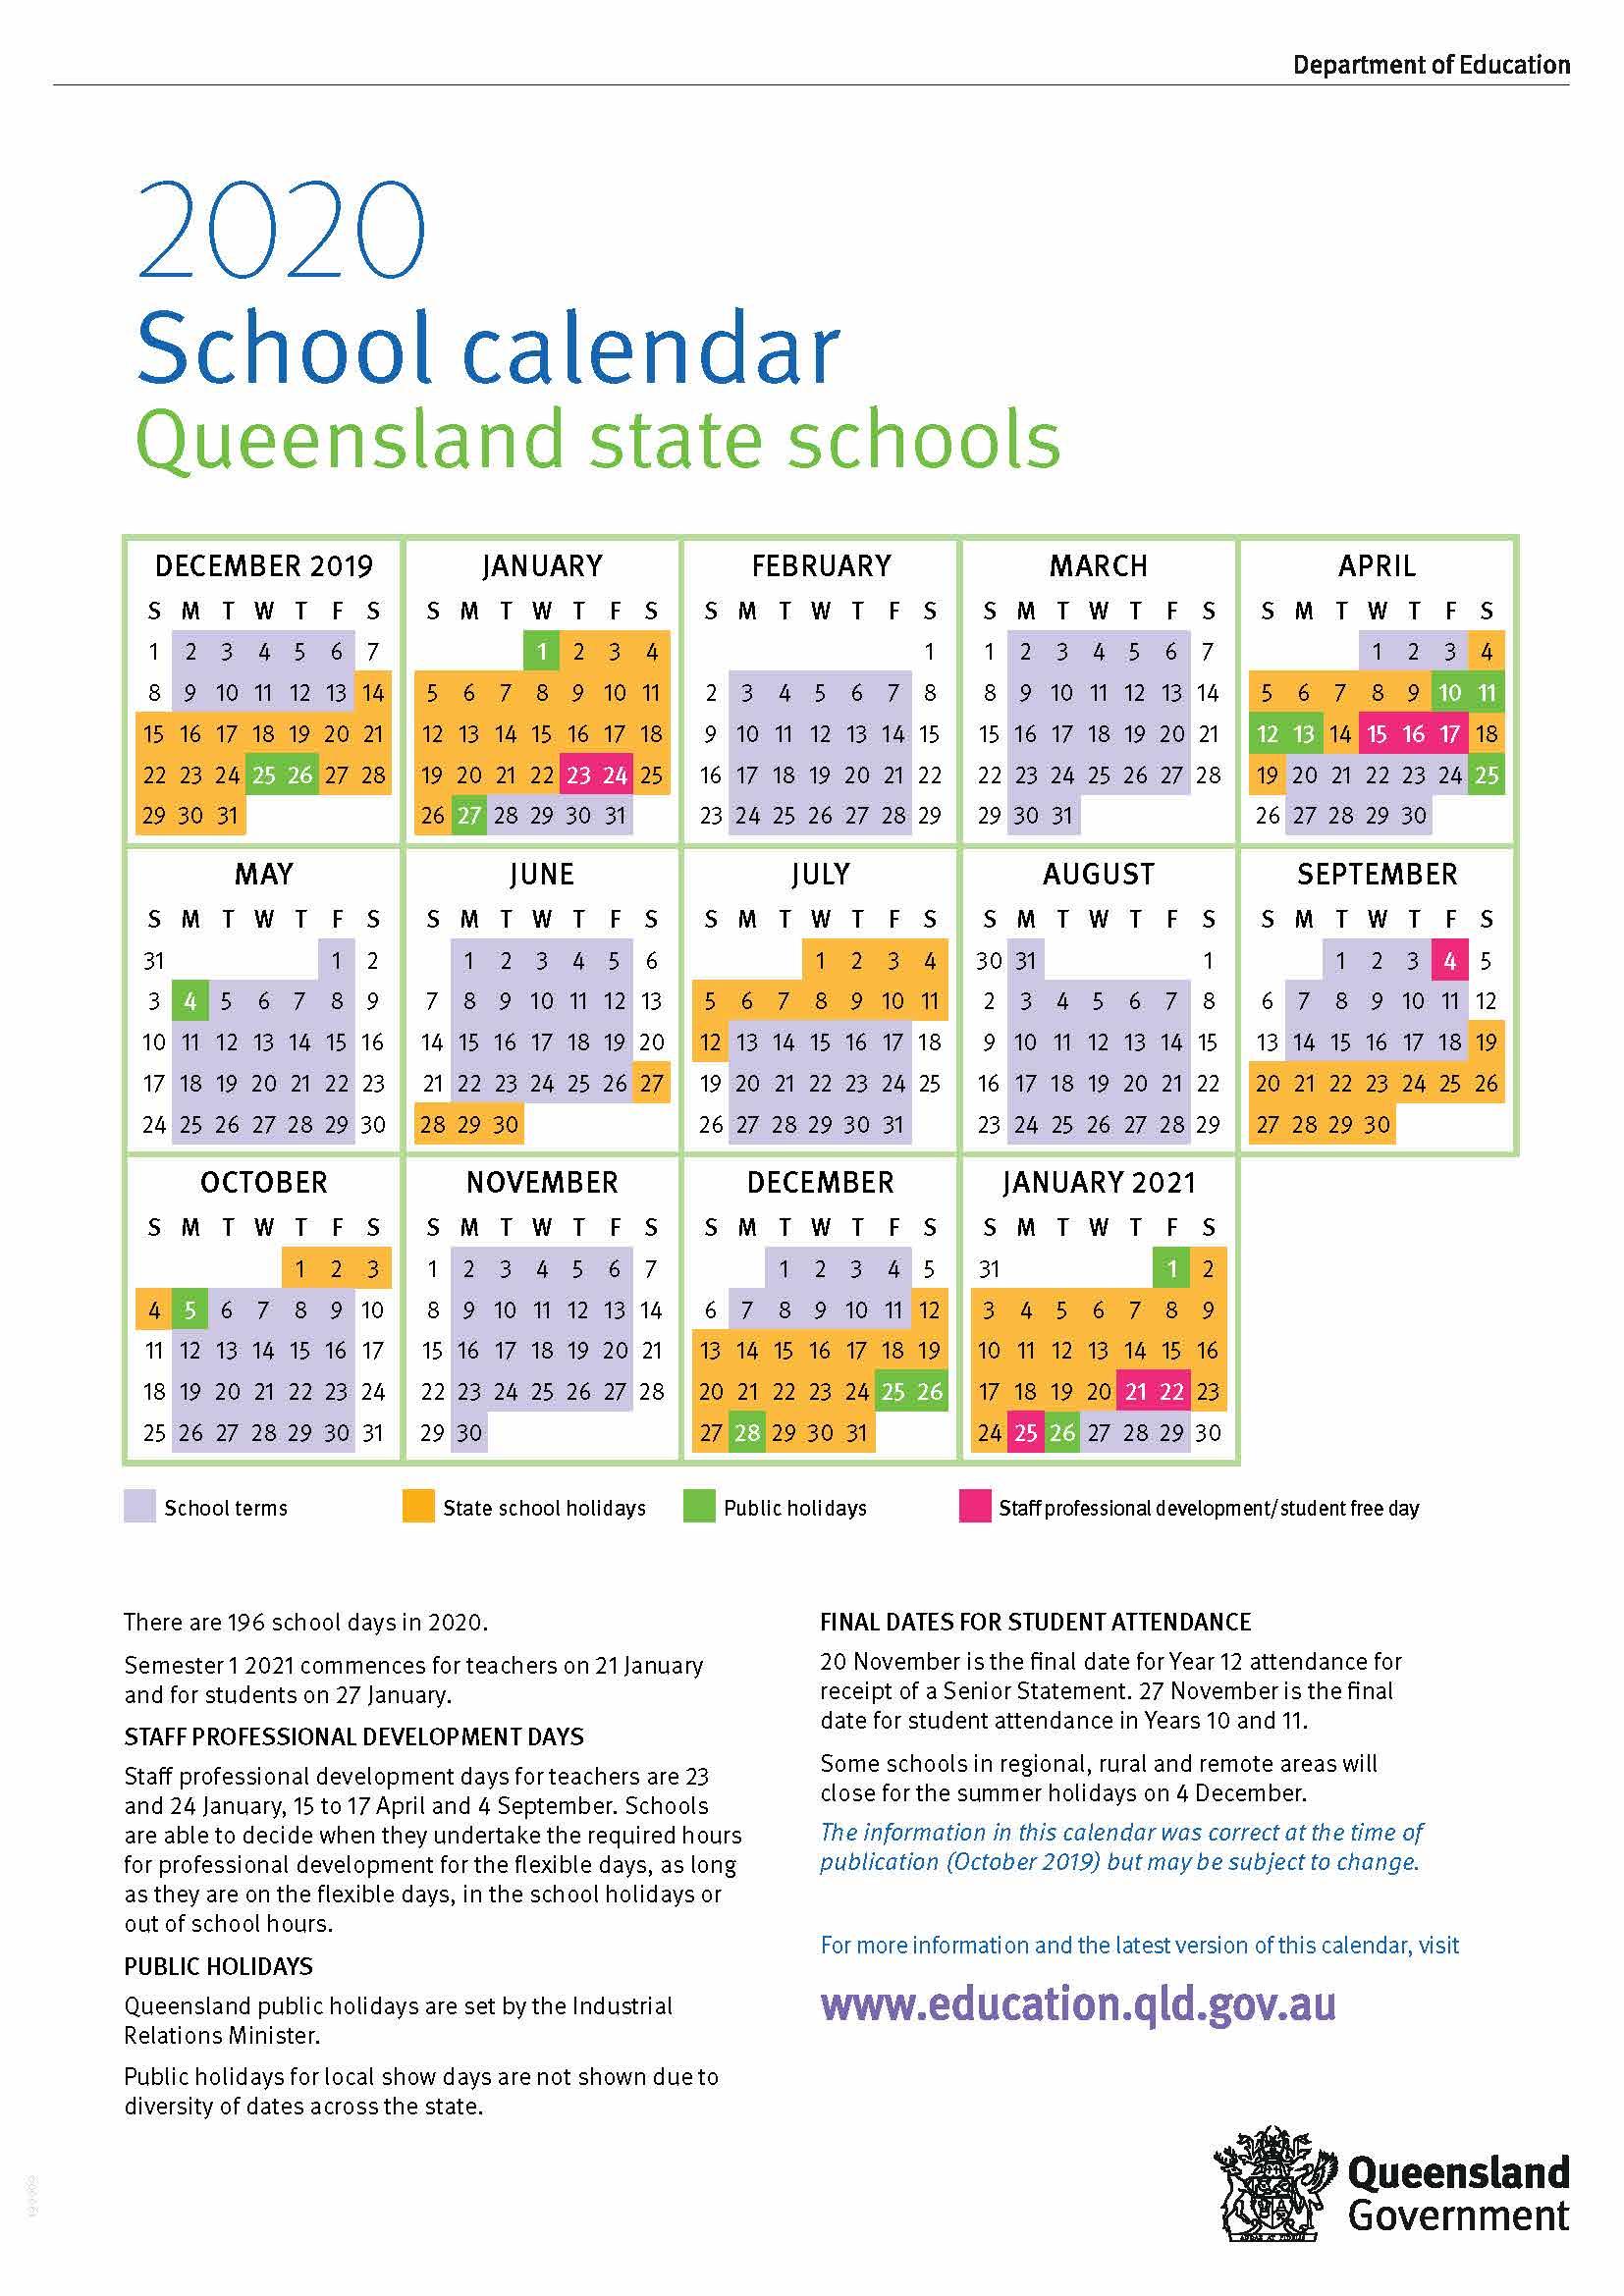 2020 Queensland State School Calendar with regard to Queensland State School Calendar 2020